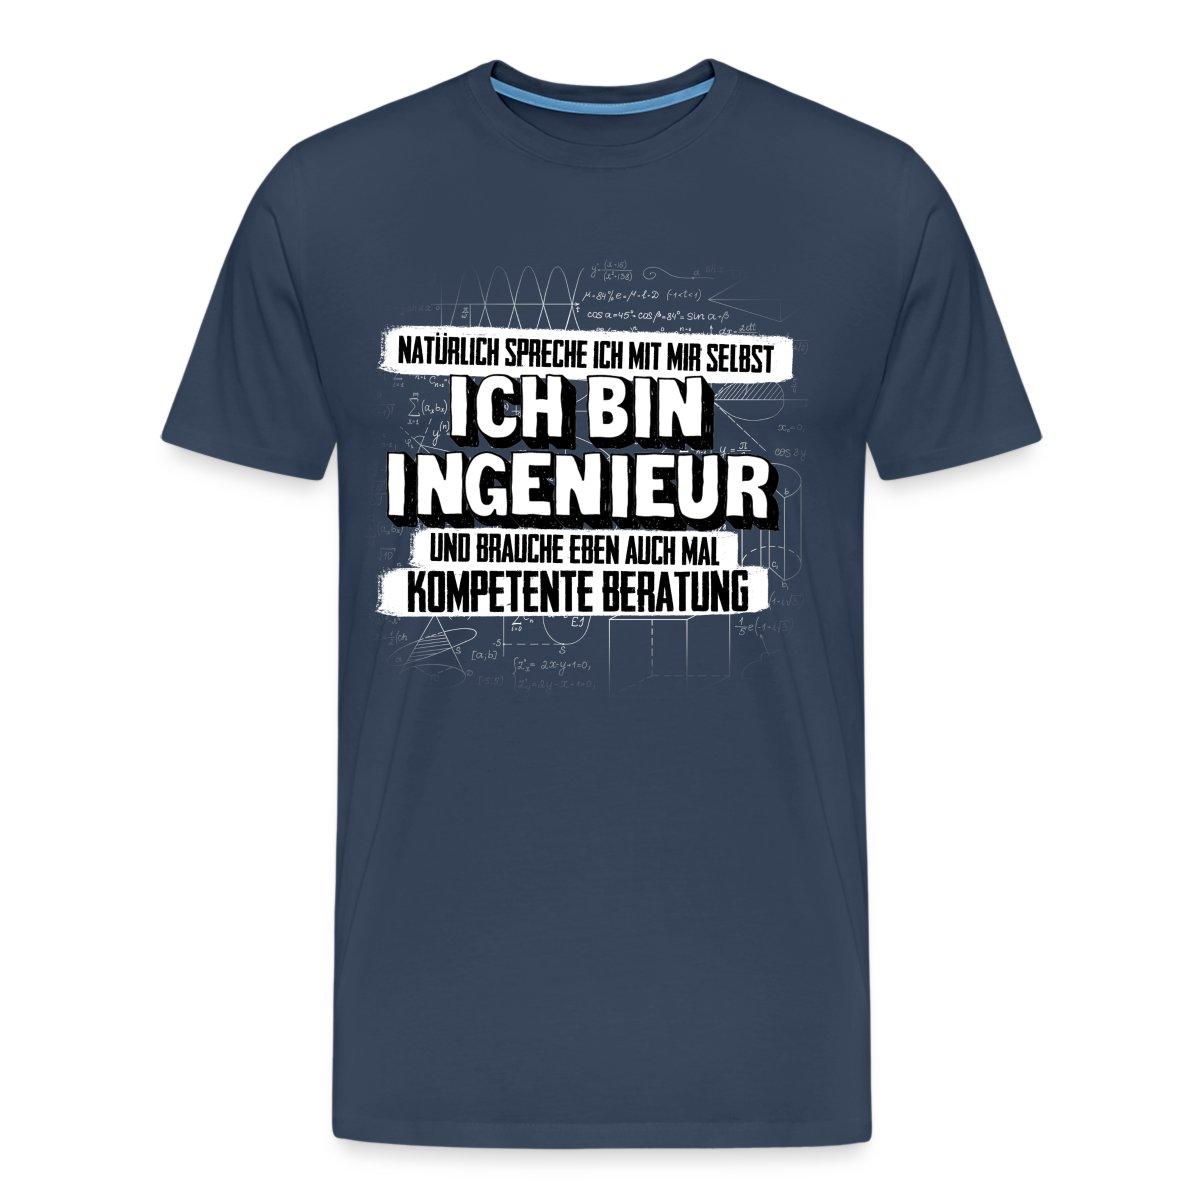 Ingenieur kompetente beratung spruch herren t shirt von for Kompetente beratung